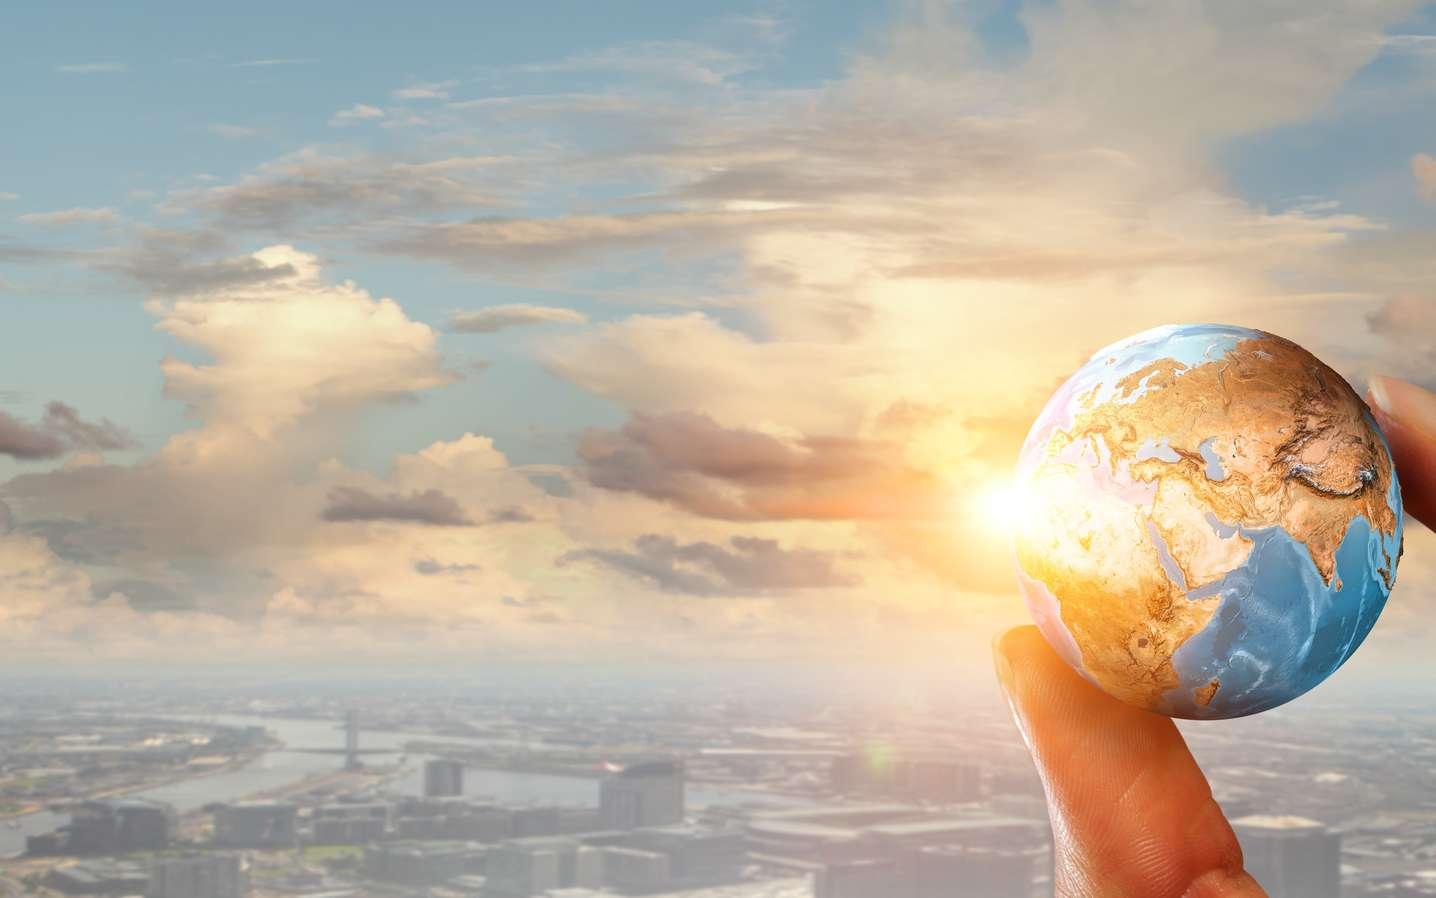 Lors de la COP24, la communauté internationale a eu bien du mal à tomber d'accord sur les mesures à prendre pour lutter contre le réchauffement climatique. © Sergey Nivens, Fotolia